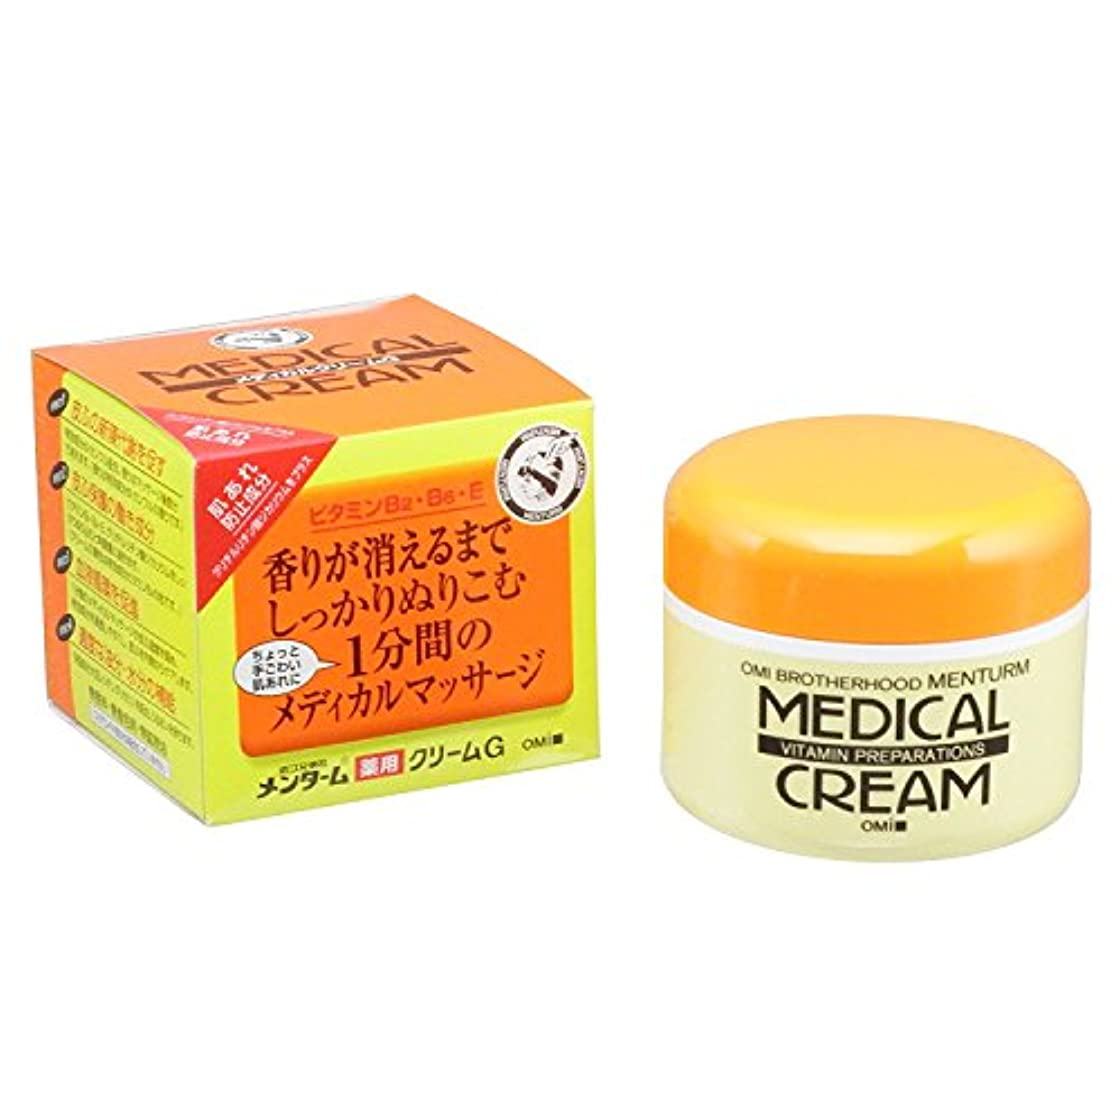 タイマー懐疑論軽メンターム薬用メディカルクリームG145g